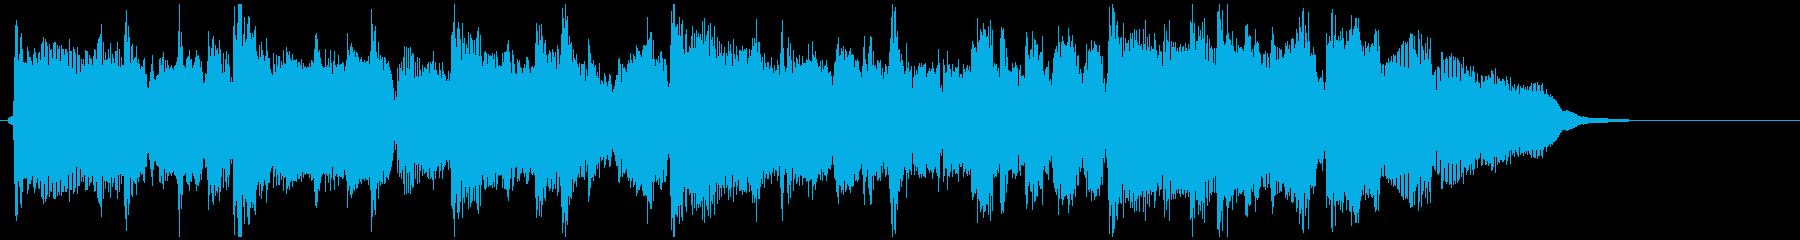 15秒CM向けの爽やかなフルート生演奏曲の再生済みの波形